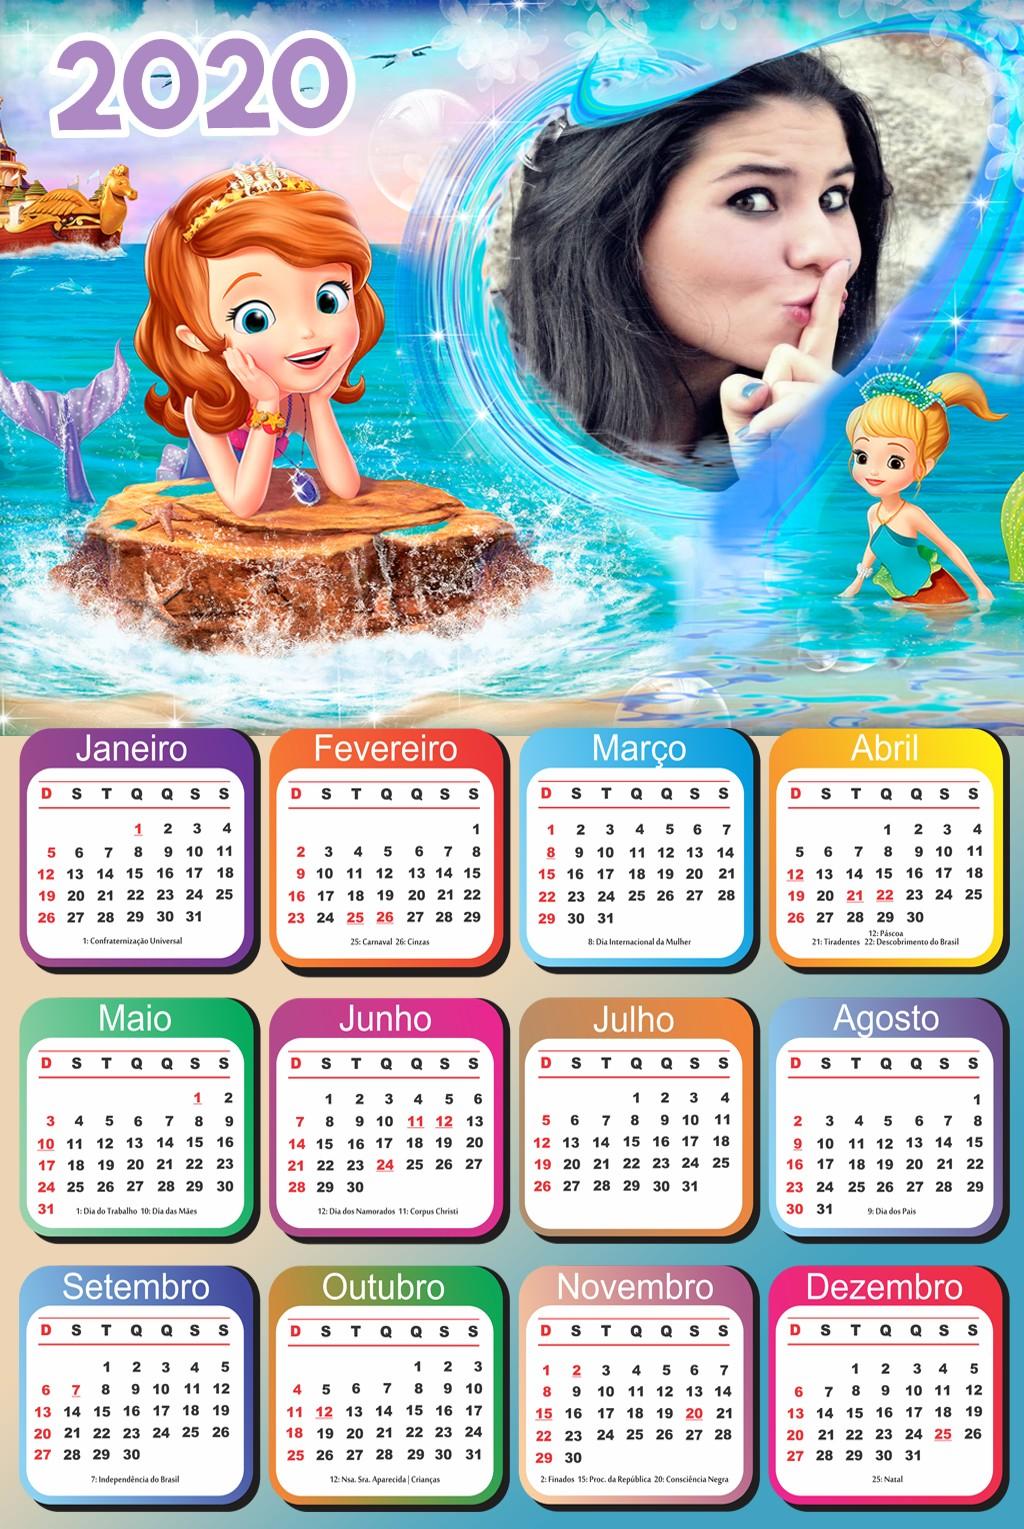 calendario-princesa-sofia-sereia-2020